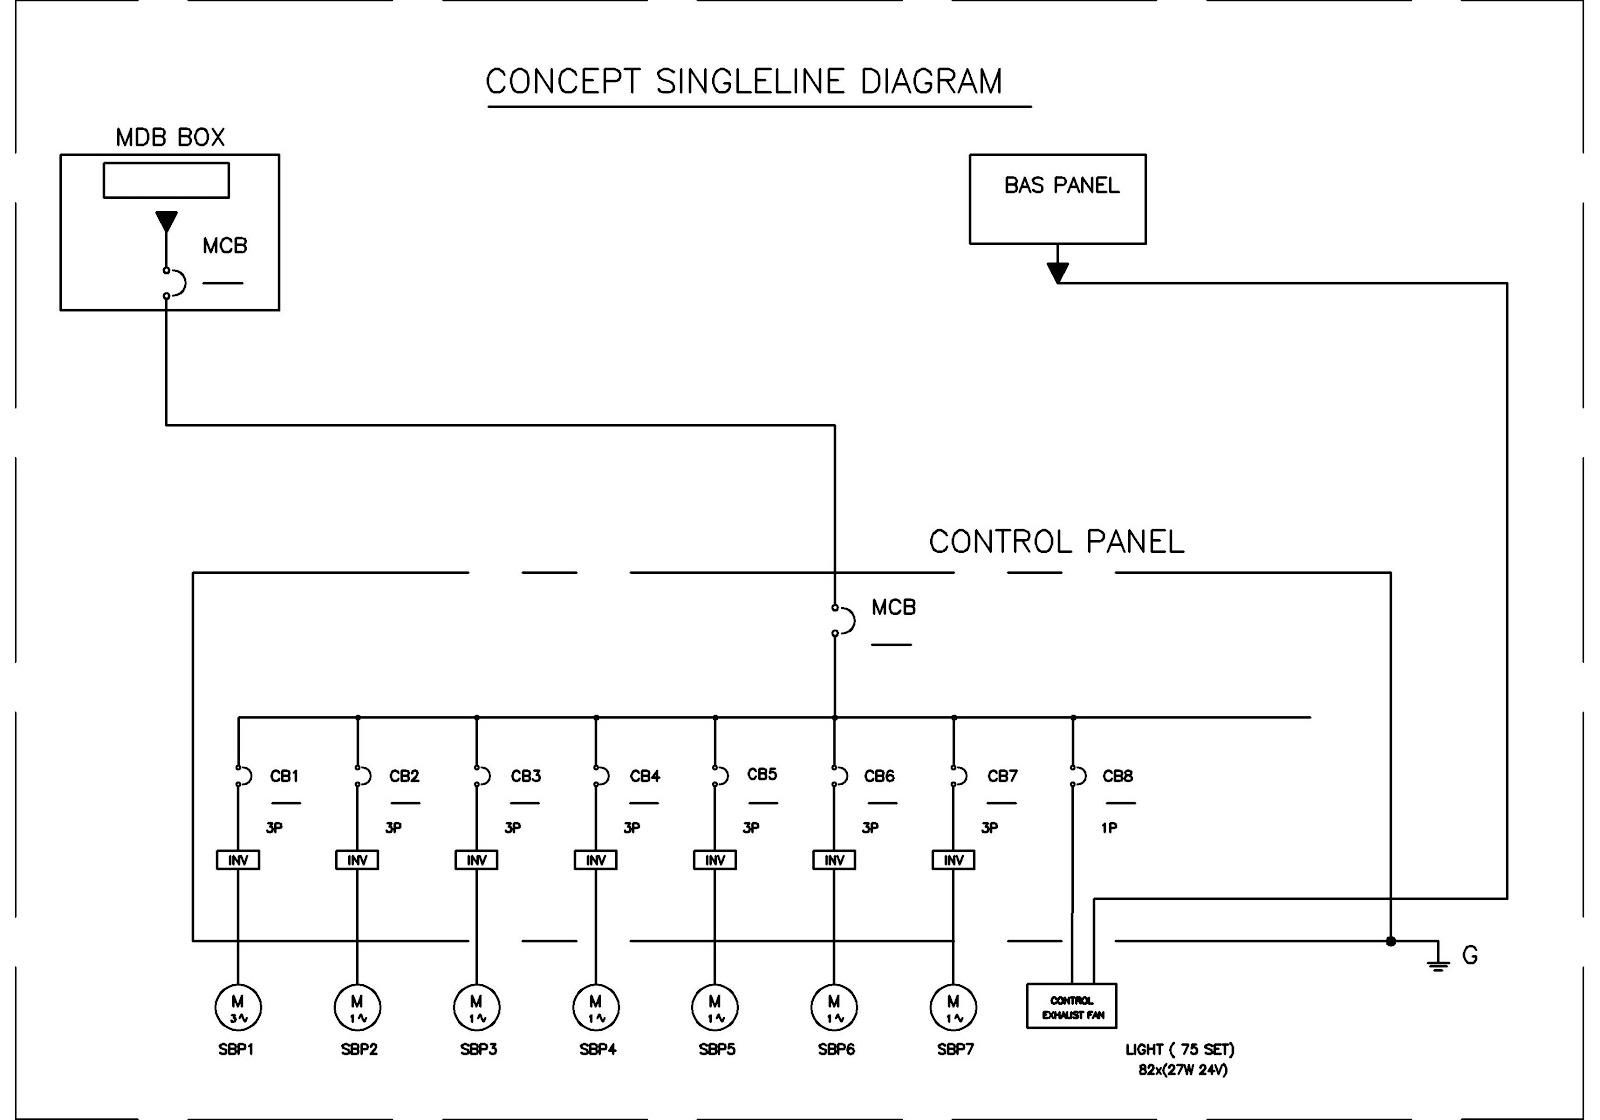 ระบบควบคุม งานวงจรควบคุม การออกแบบวงจรควบคุมไฟฟ้า Control